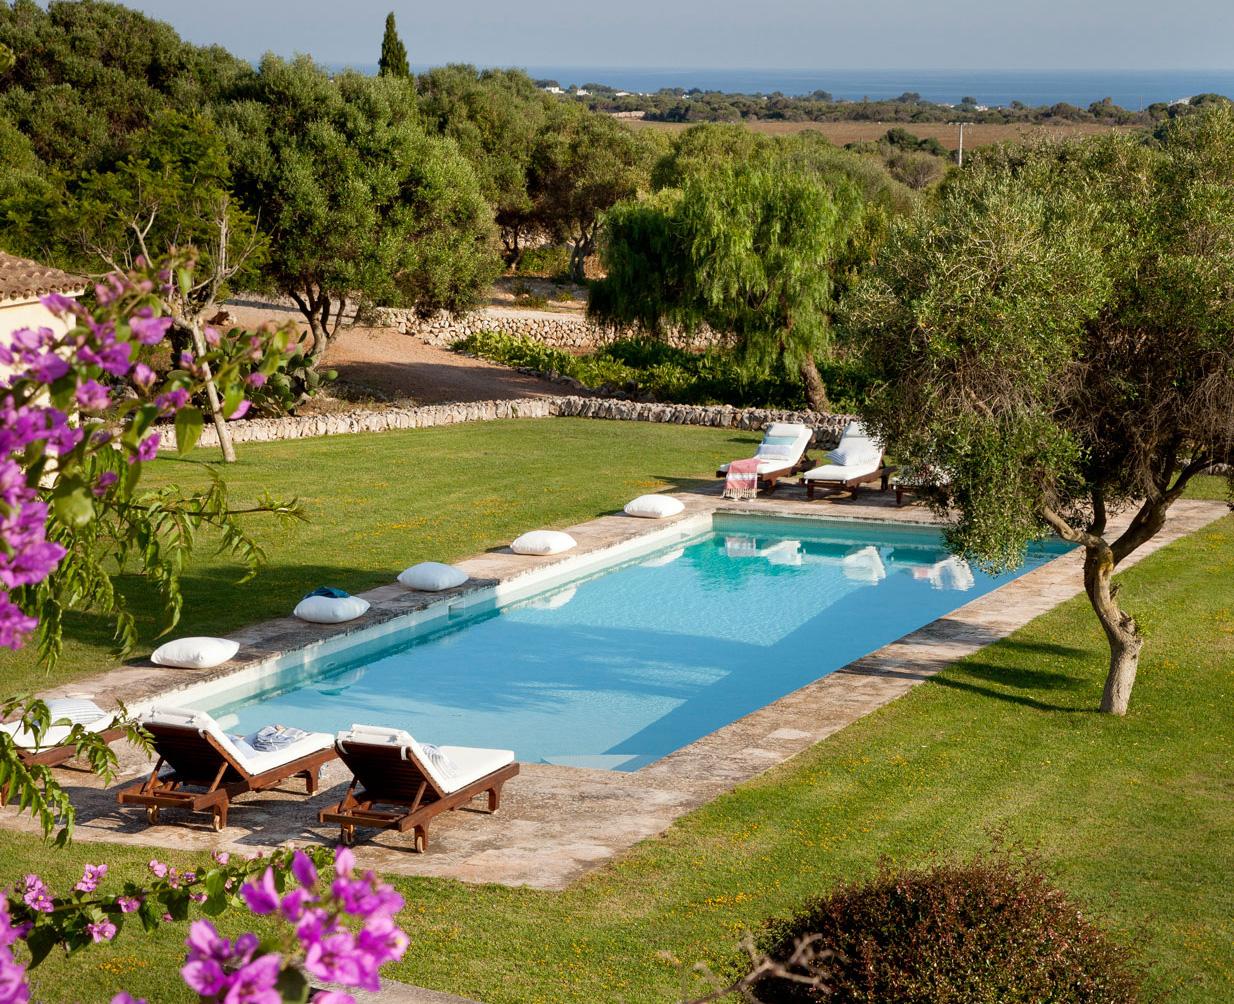 Las 50 mejores piscinas de el mueble - Tumbonas piscina ...